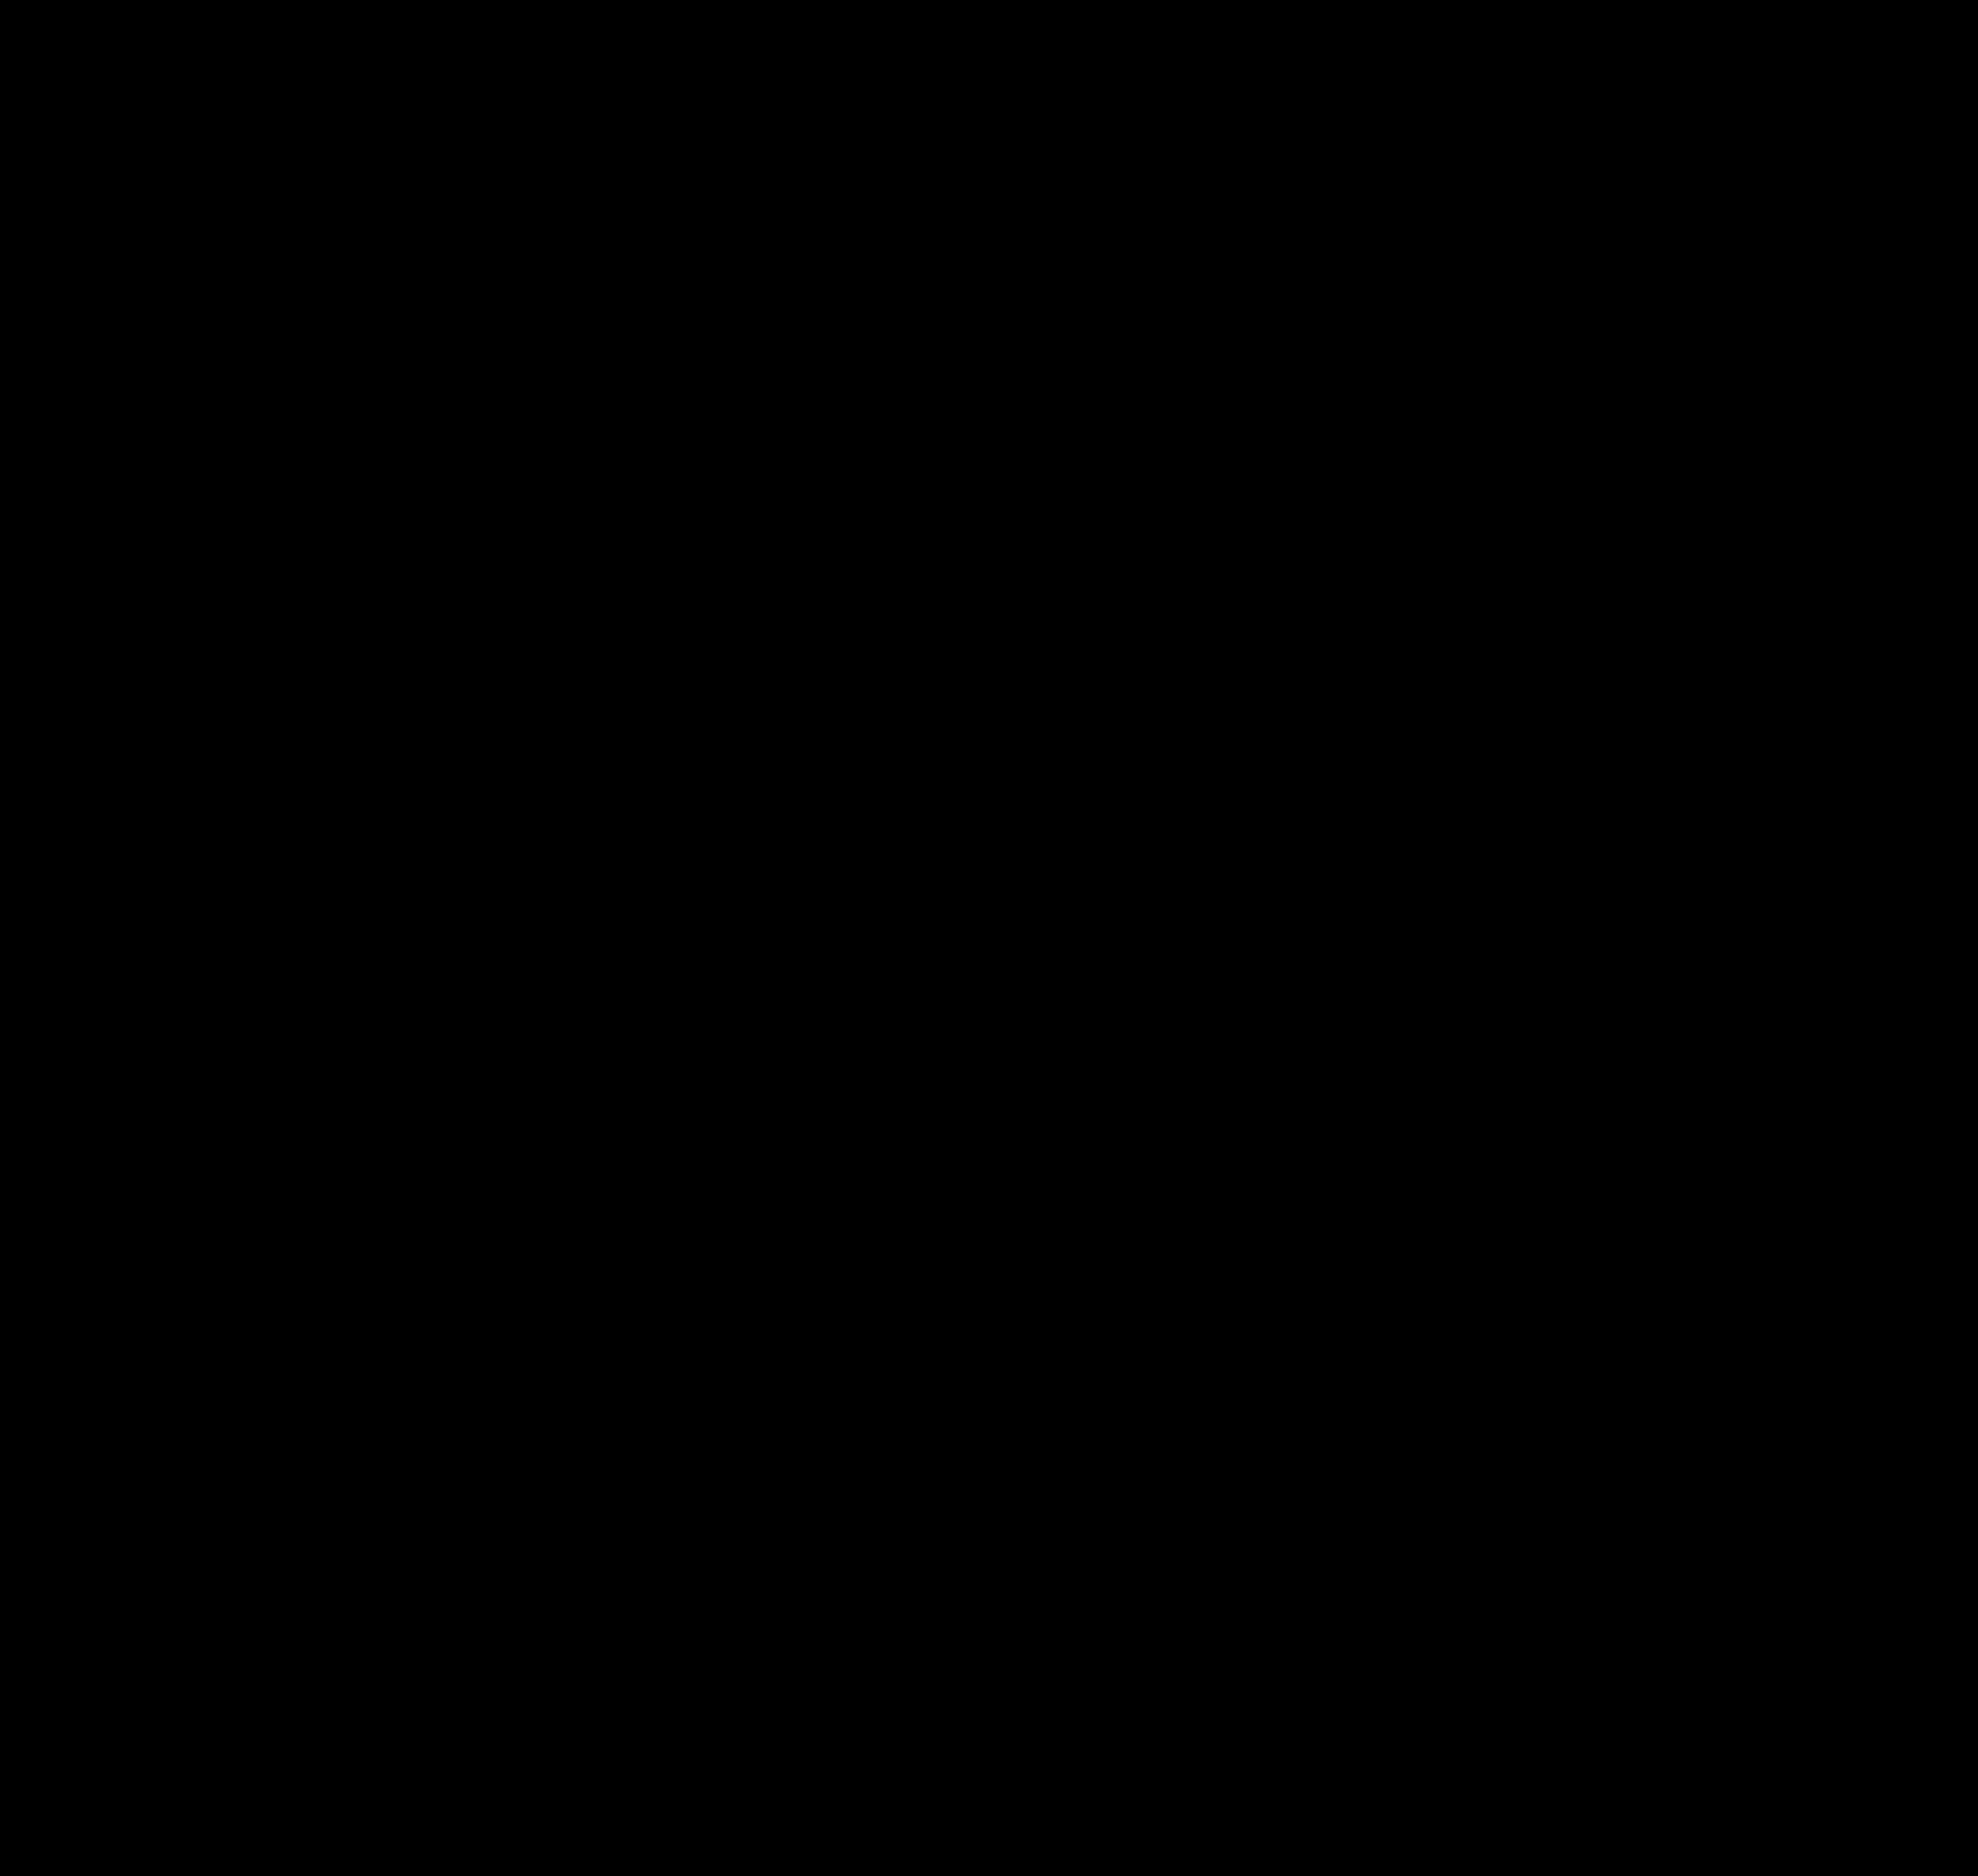 svg symbol #156, Download drawings